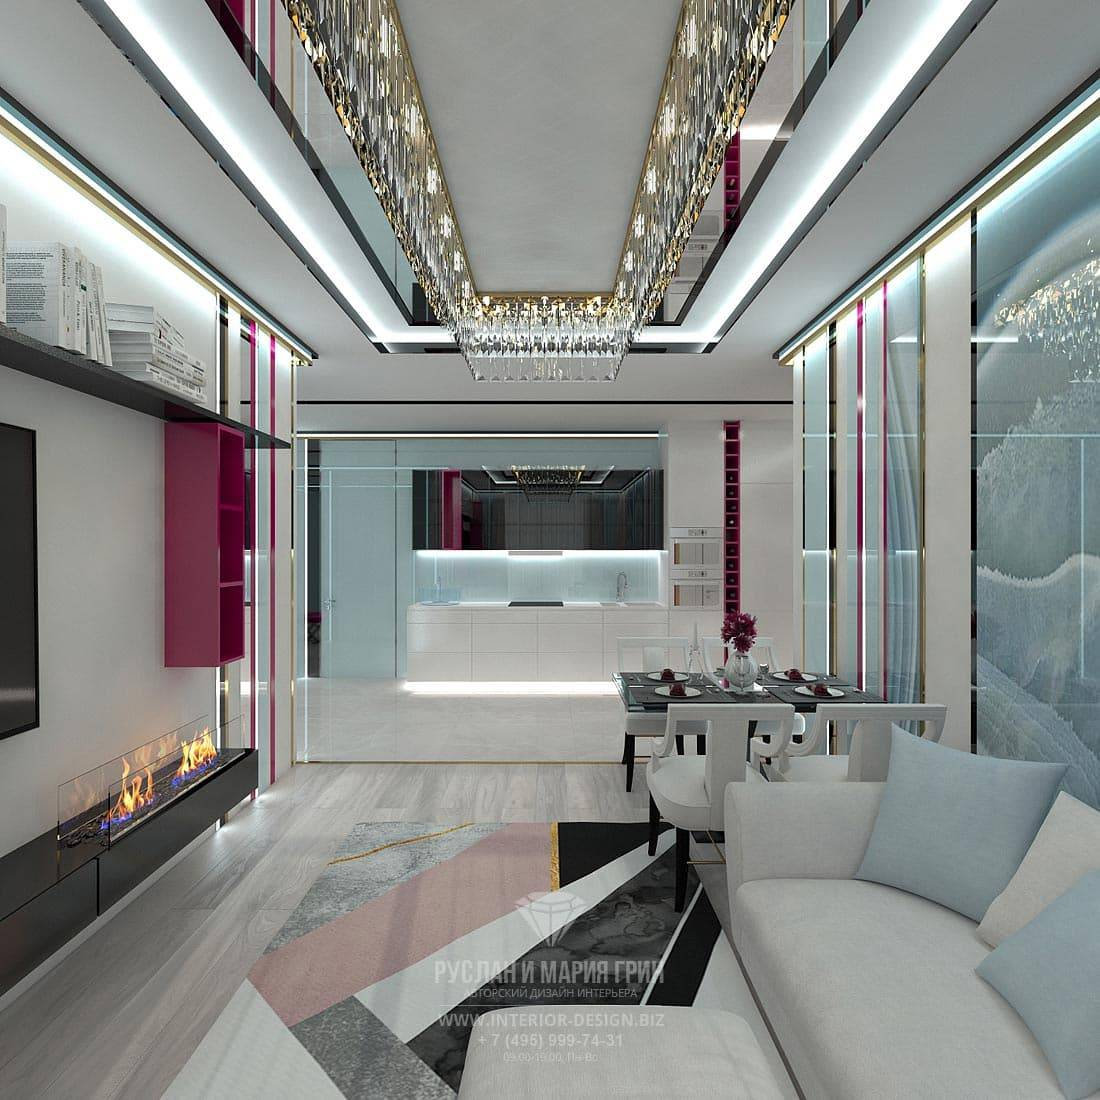 Оформление спальни — варианты стильных идей и красивые варианты спален. 110 фото и видео применения различных стилей